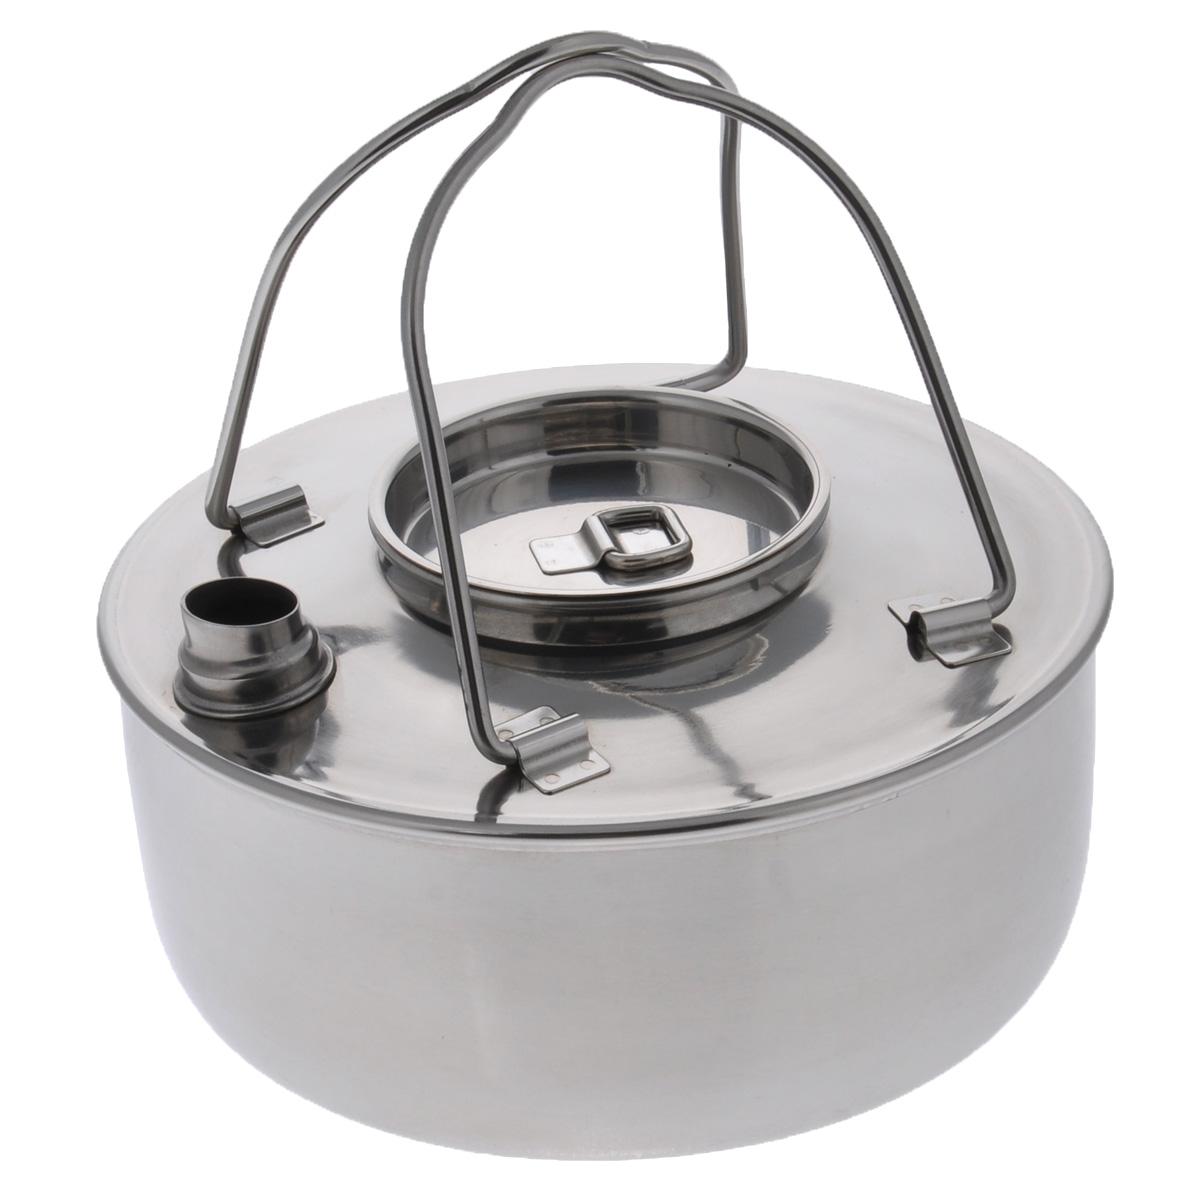 Чайник Canadian Camper, 1,2 л32100026Чайник Canadian Camper выполнен из высококачественной нержавеющей стали. Имеет компактный дизайн, благодаря чему он замечательно подходит для использования как дома, так и на выезде. Оснащен складными ручками.В комплекте сетчатый чехол для переноски.Диаметр чайника: 18 см.Высота чайника: 8 см.